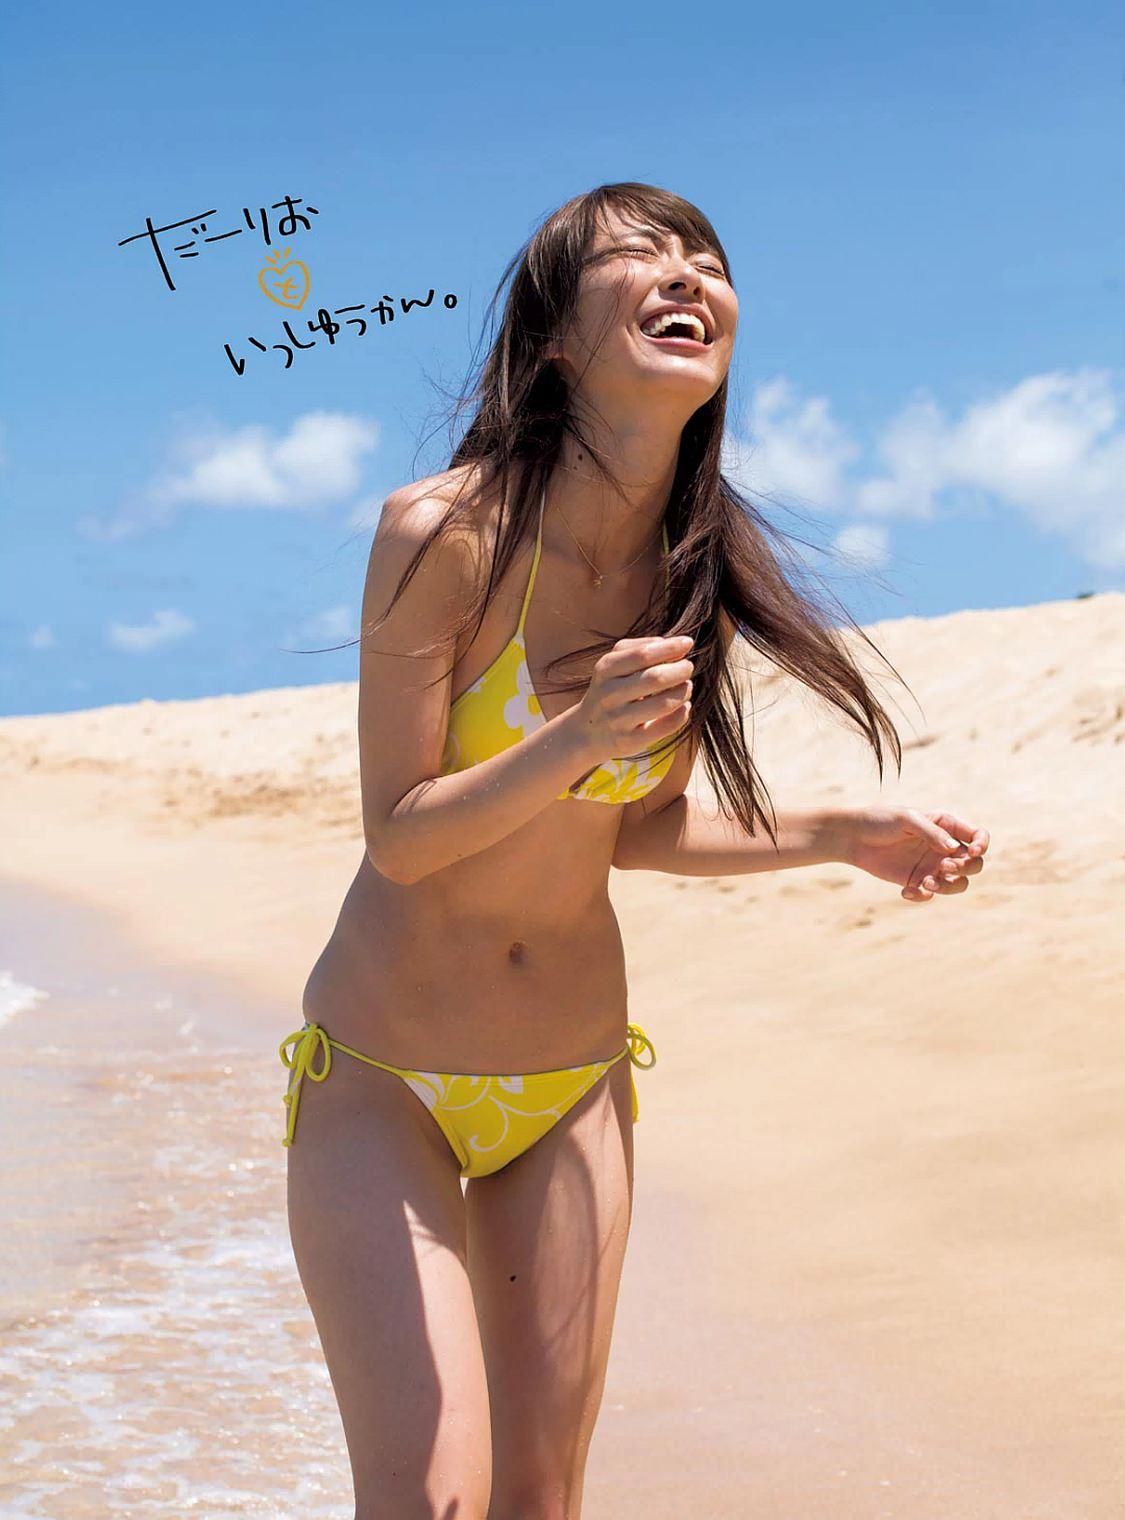 グラビアアイドル写真集|だーりお(内田理央)ちゃんのグラビアまとめ画像パート1 100枚Number001-100